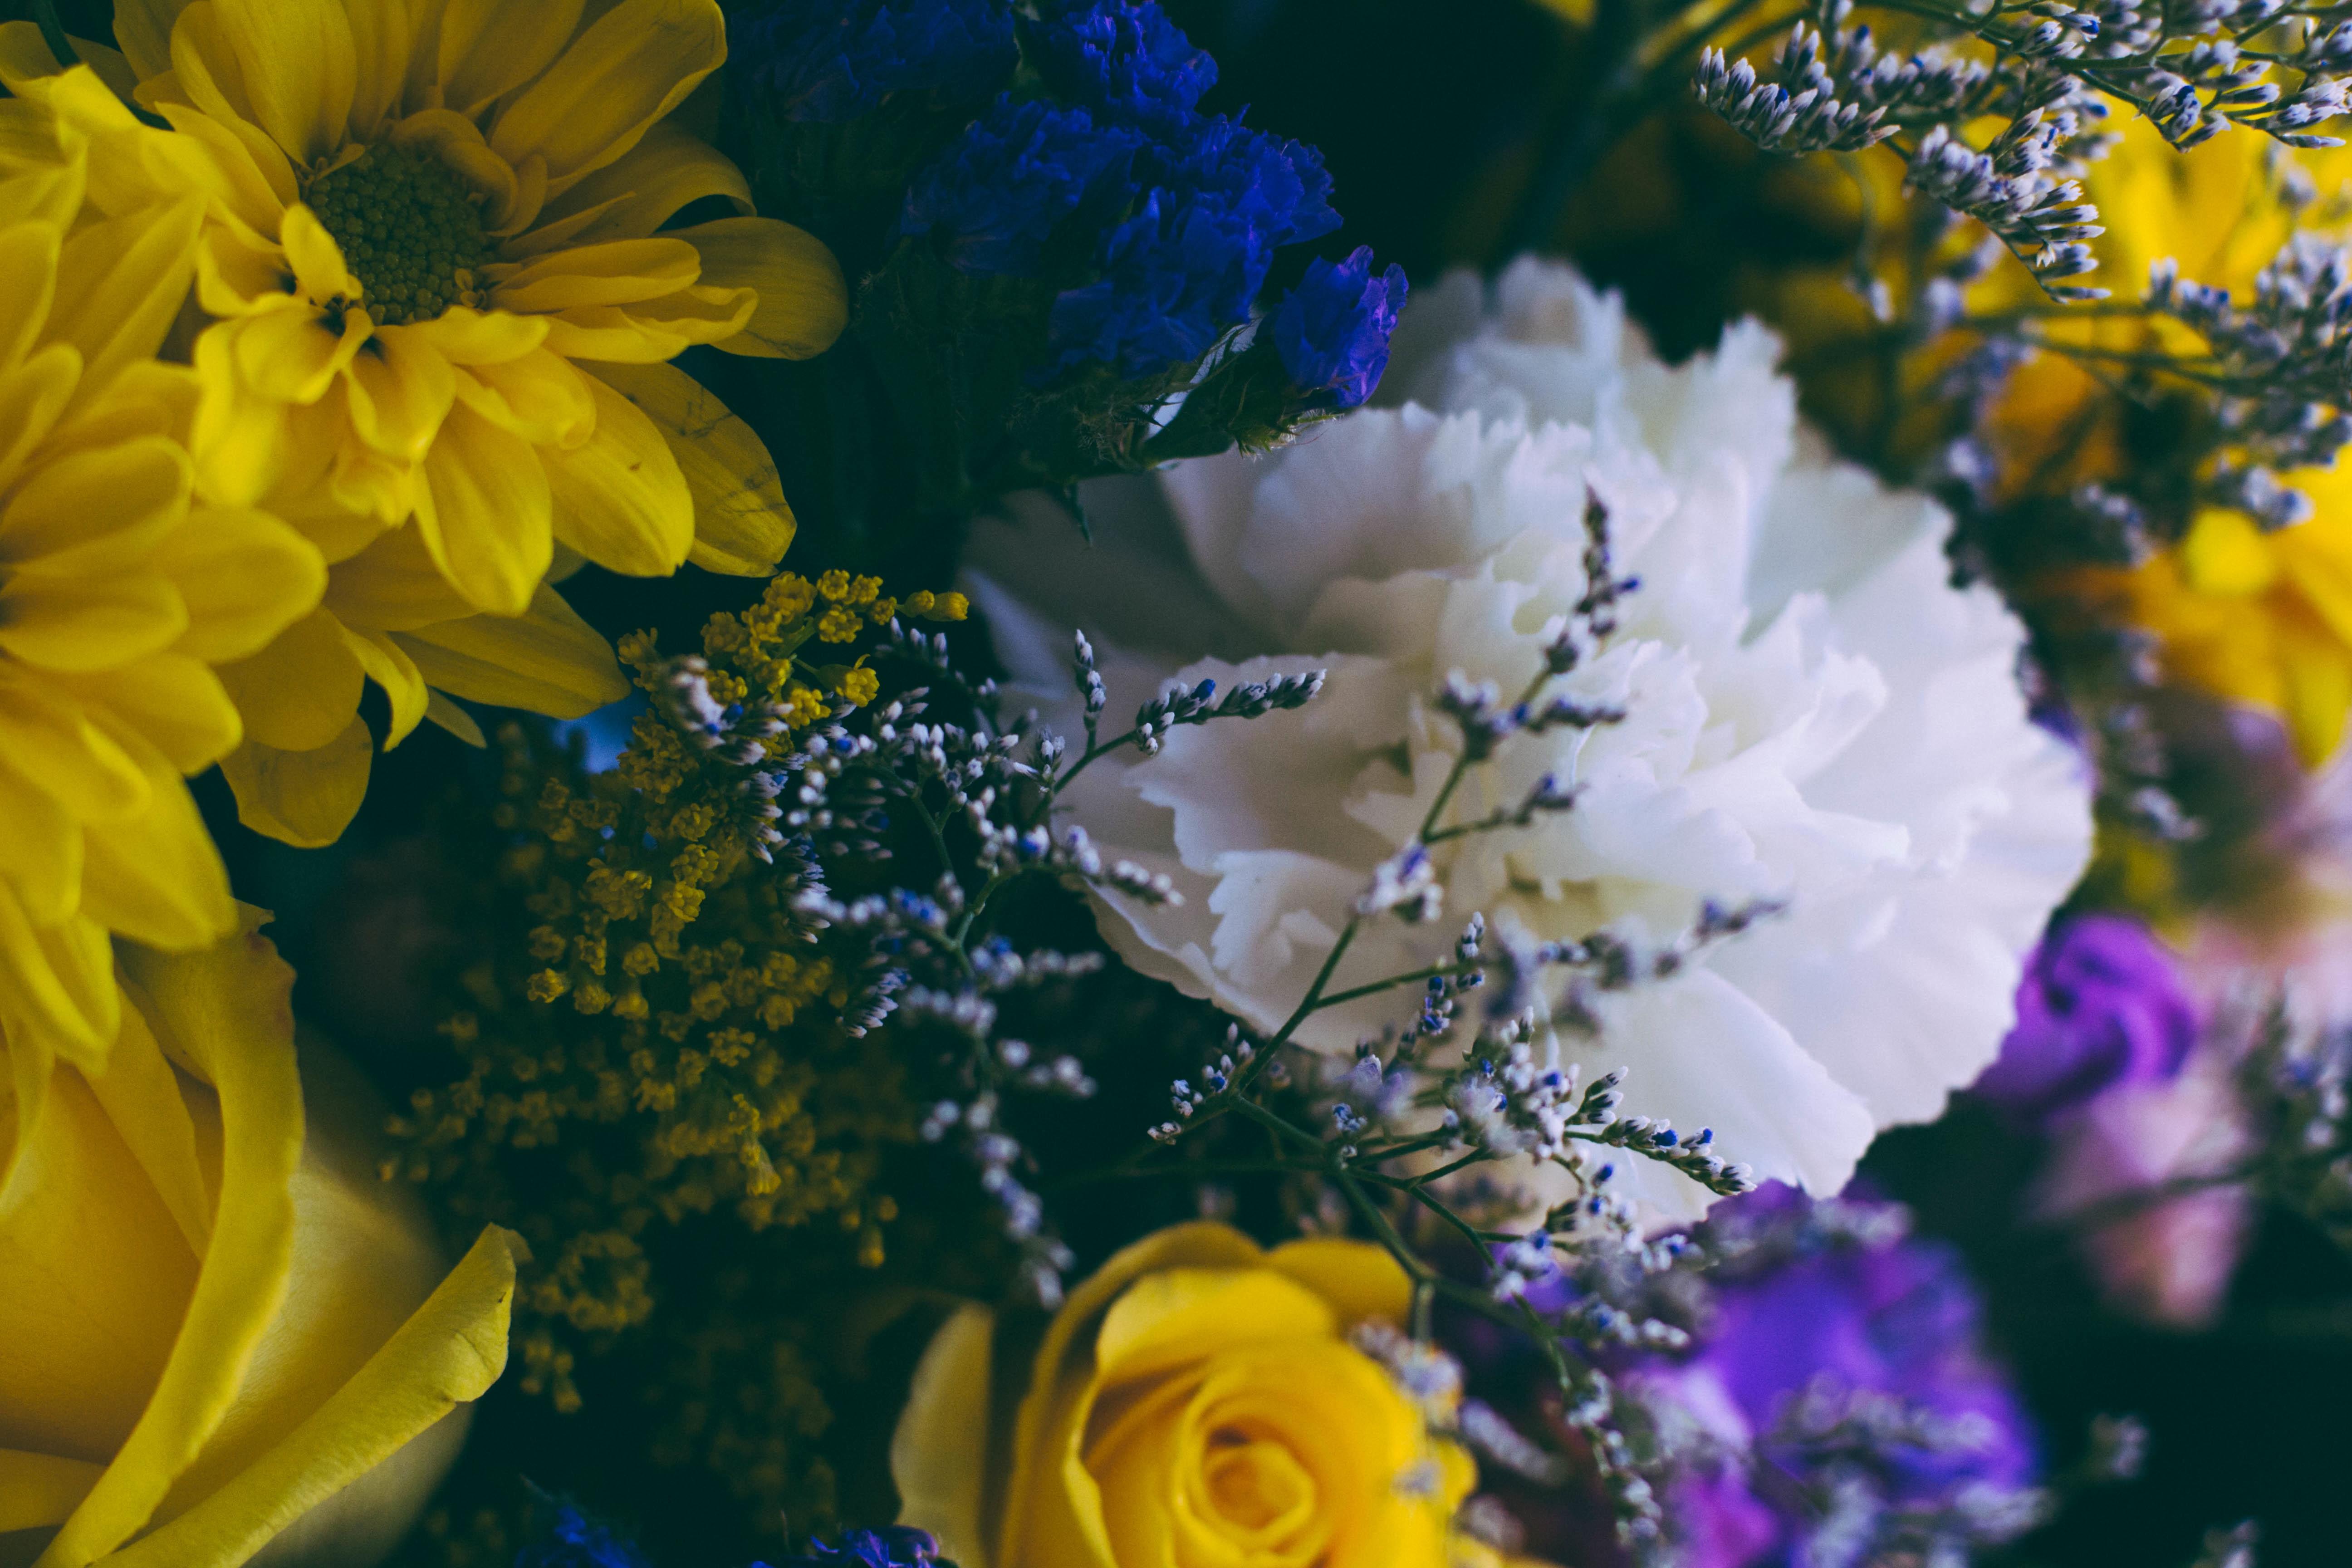 Pianta Dai Fiori Gialli.Immagini Belle Fiorire Fiore Petalo Mazzo Decorazione